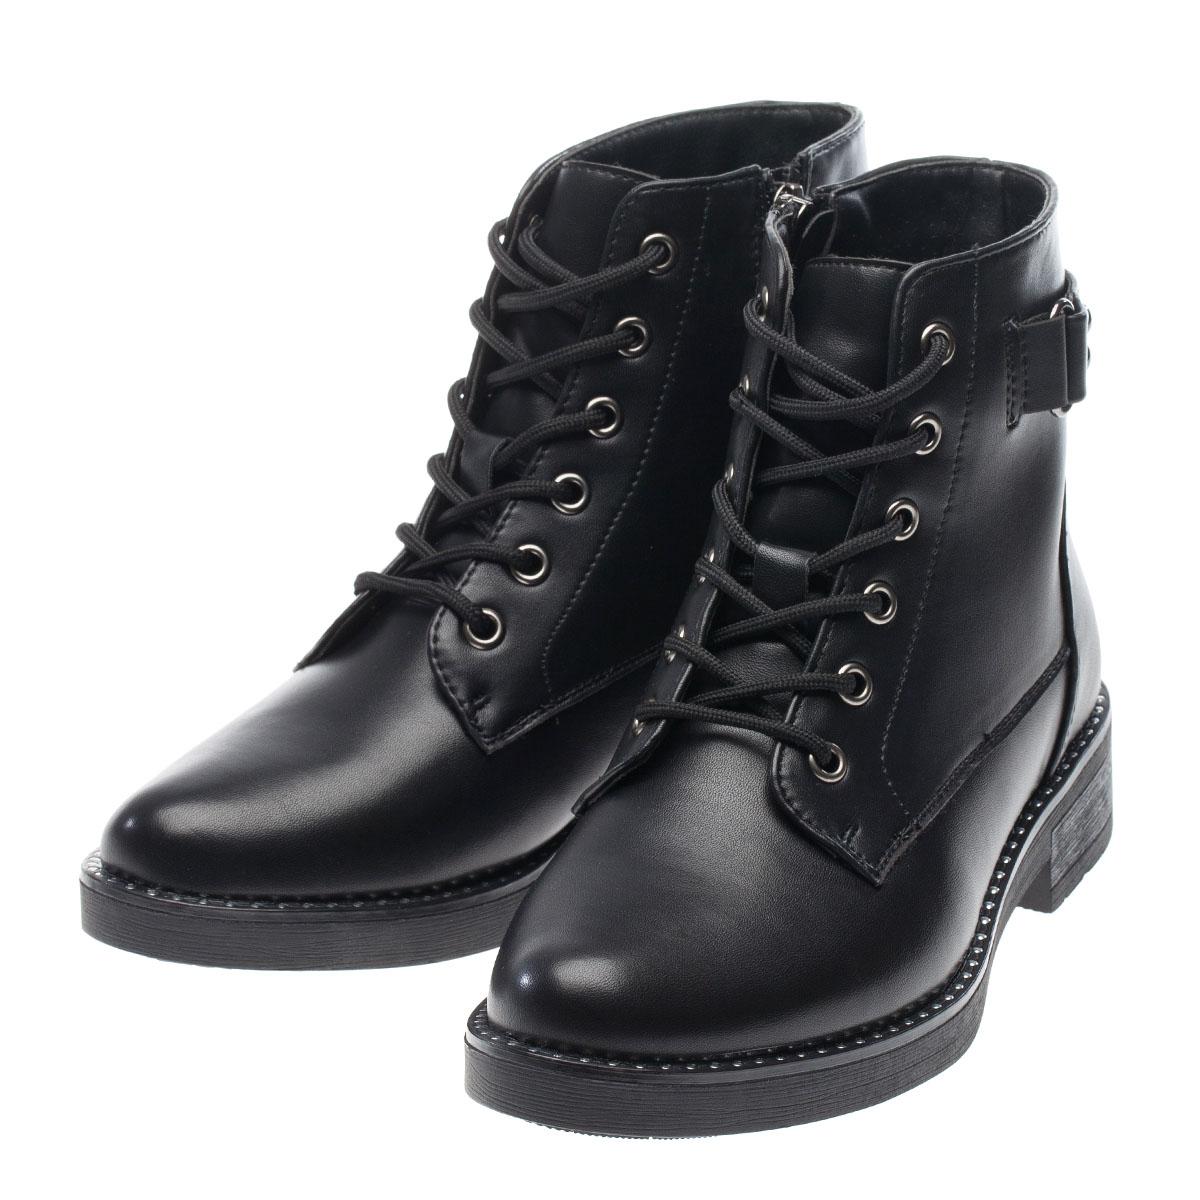 Ботинки демисезонные FERTO, D18-60725 демисезонные ботинки dior 2015 d995902